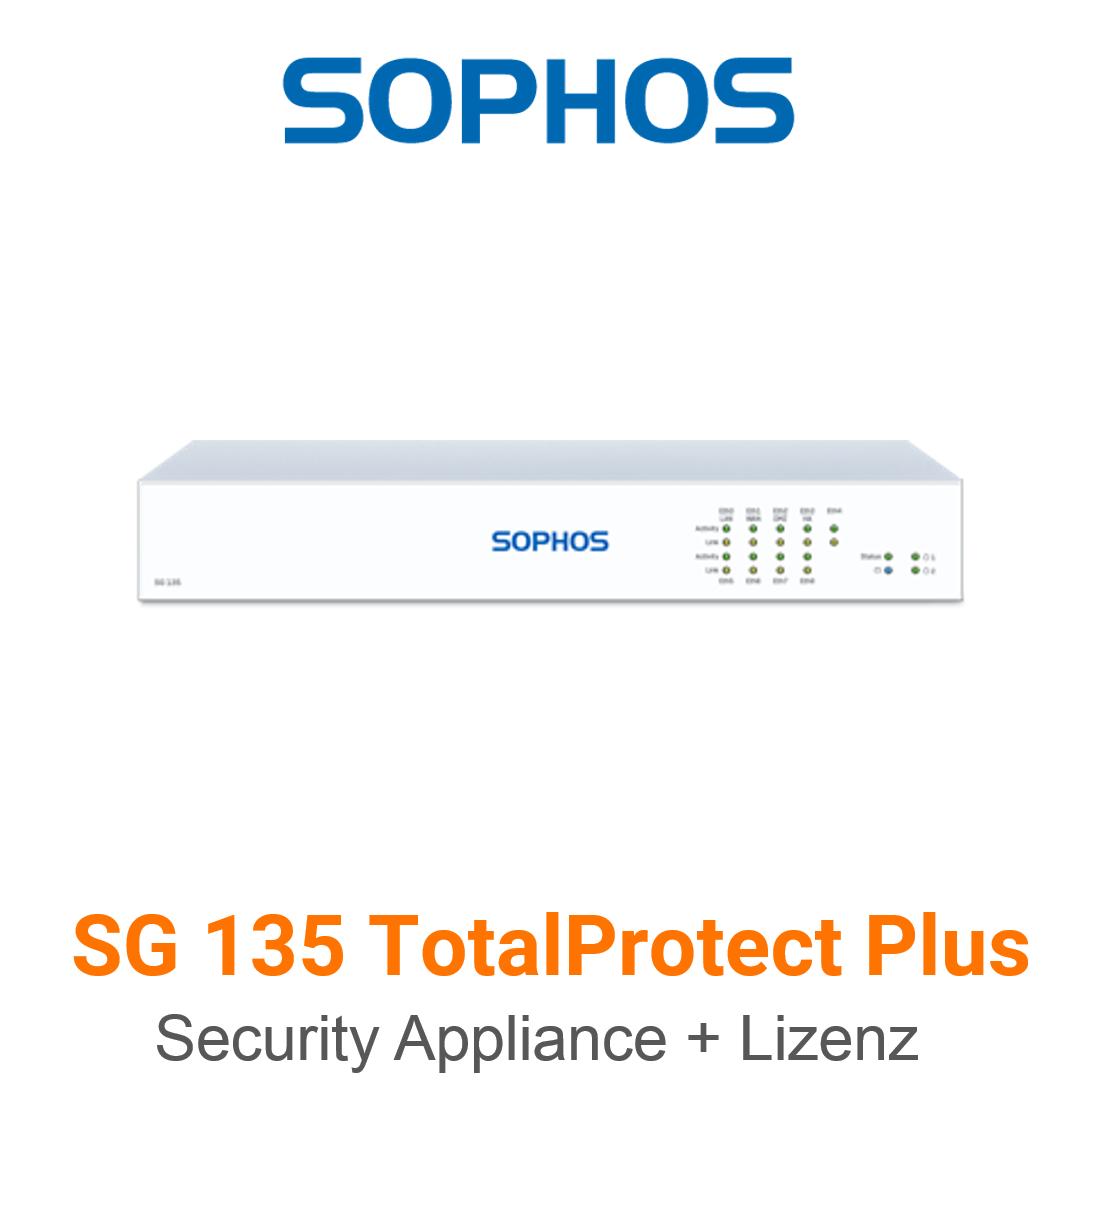 Sophos SG 135 TotalProtect Plus Bundle (Hardware + Lizenz)